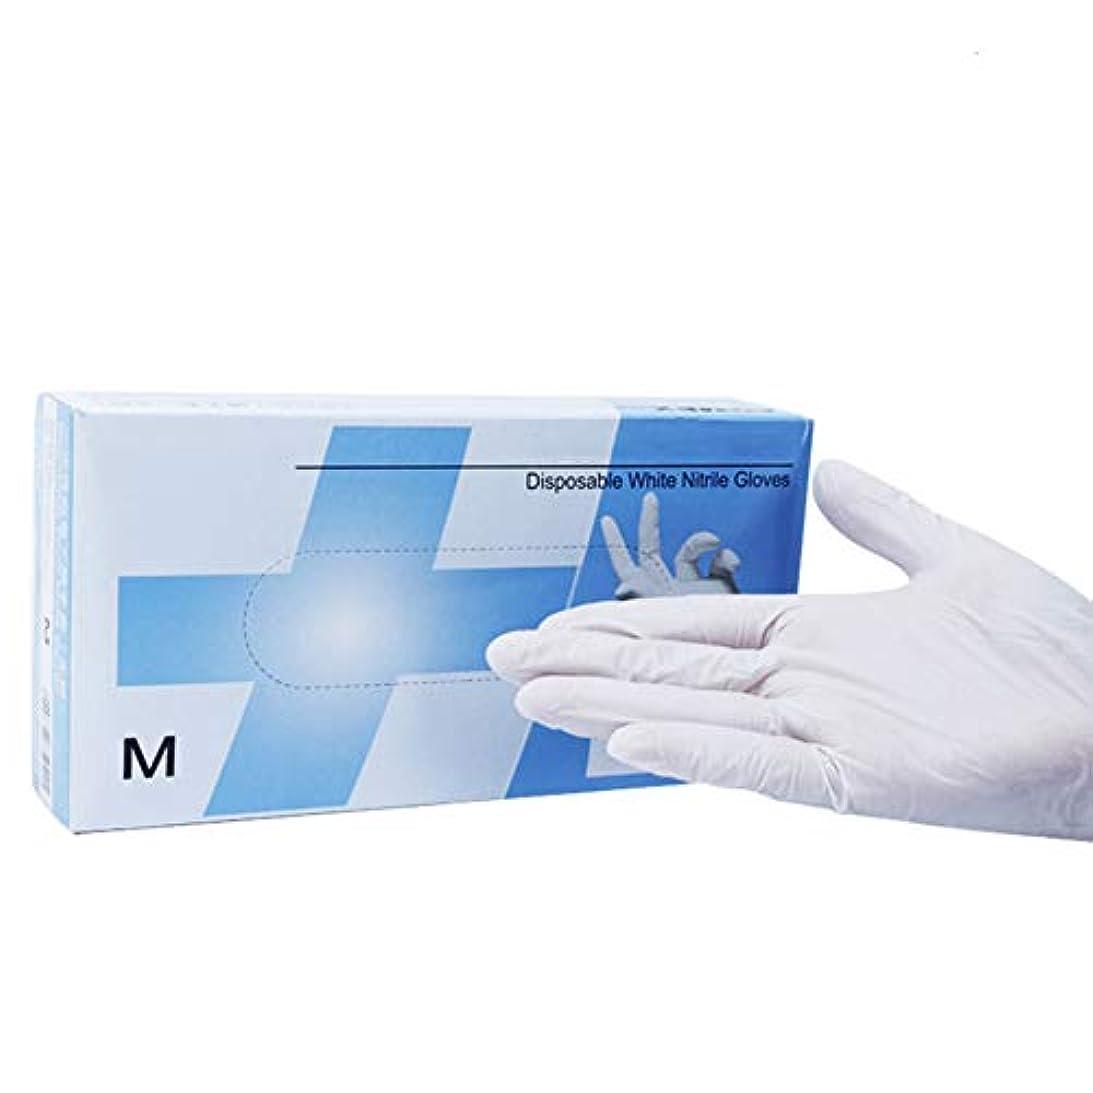 排除ホイップ空虚パウダーフリー 生殖不能 メディカル 白 ニトリル 手袋、 使い捨て 安全性 滑り止め ビニール 検査 グローブ、 に適し クリーニング、 食品加工、 (100個/ 1箱),M